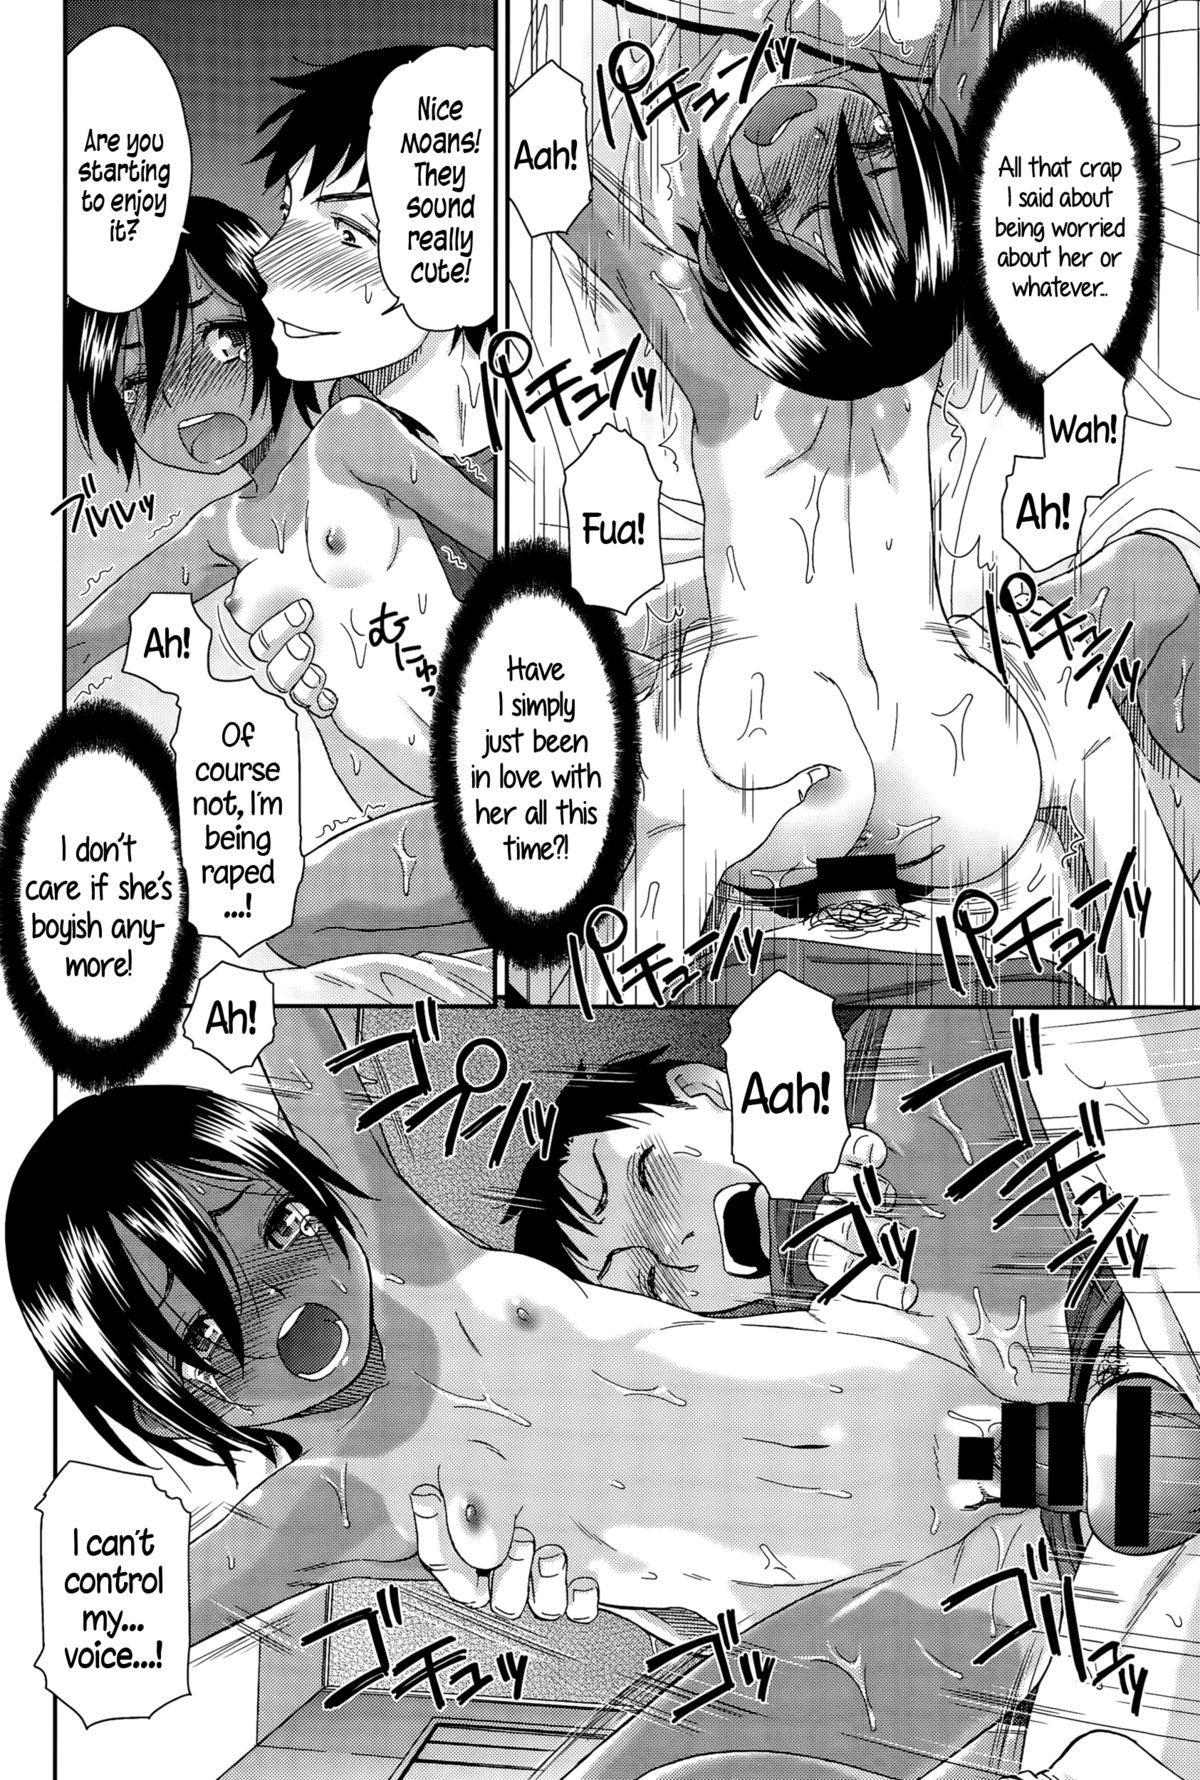 [Momonosuke] Nao-kun o Okashite Mita | I Tried Raping Nao-kun (COMIC Anthurium 030 2015-10) [English] {5 a.m.} 9